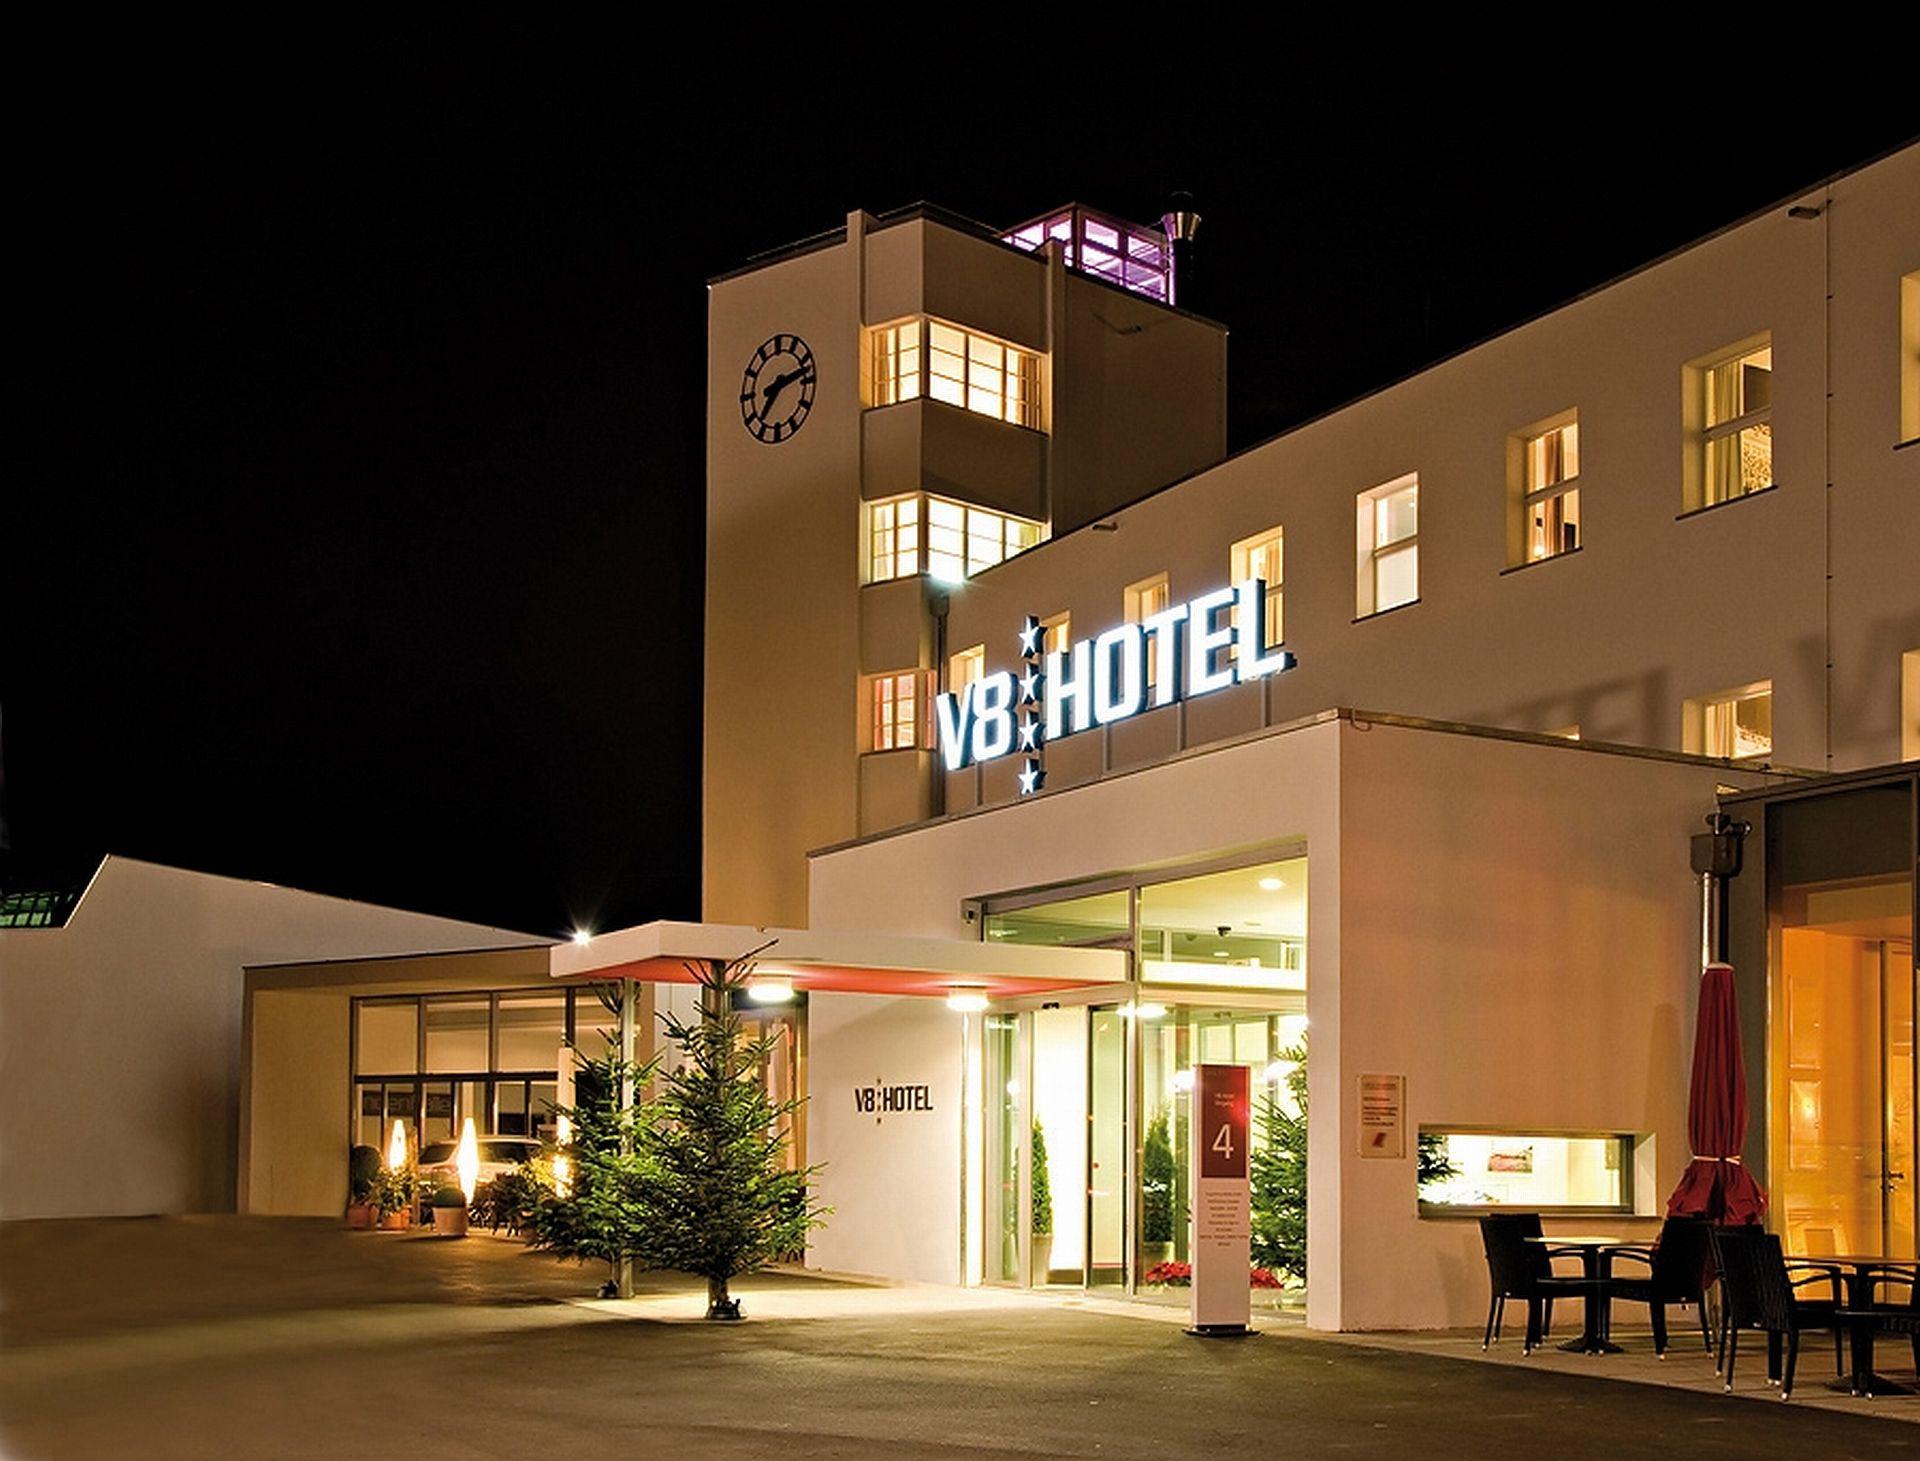 v8 hotel im meilenwerk stuttgart segway kaufen region stuttgart bei segway. Black Bedroom Furniture Sets. Home Design Ideas